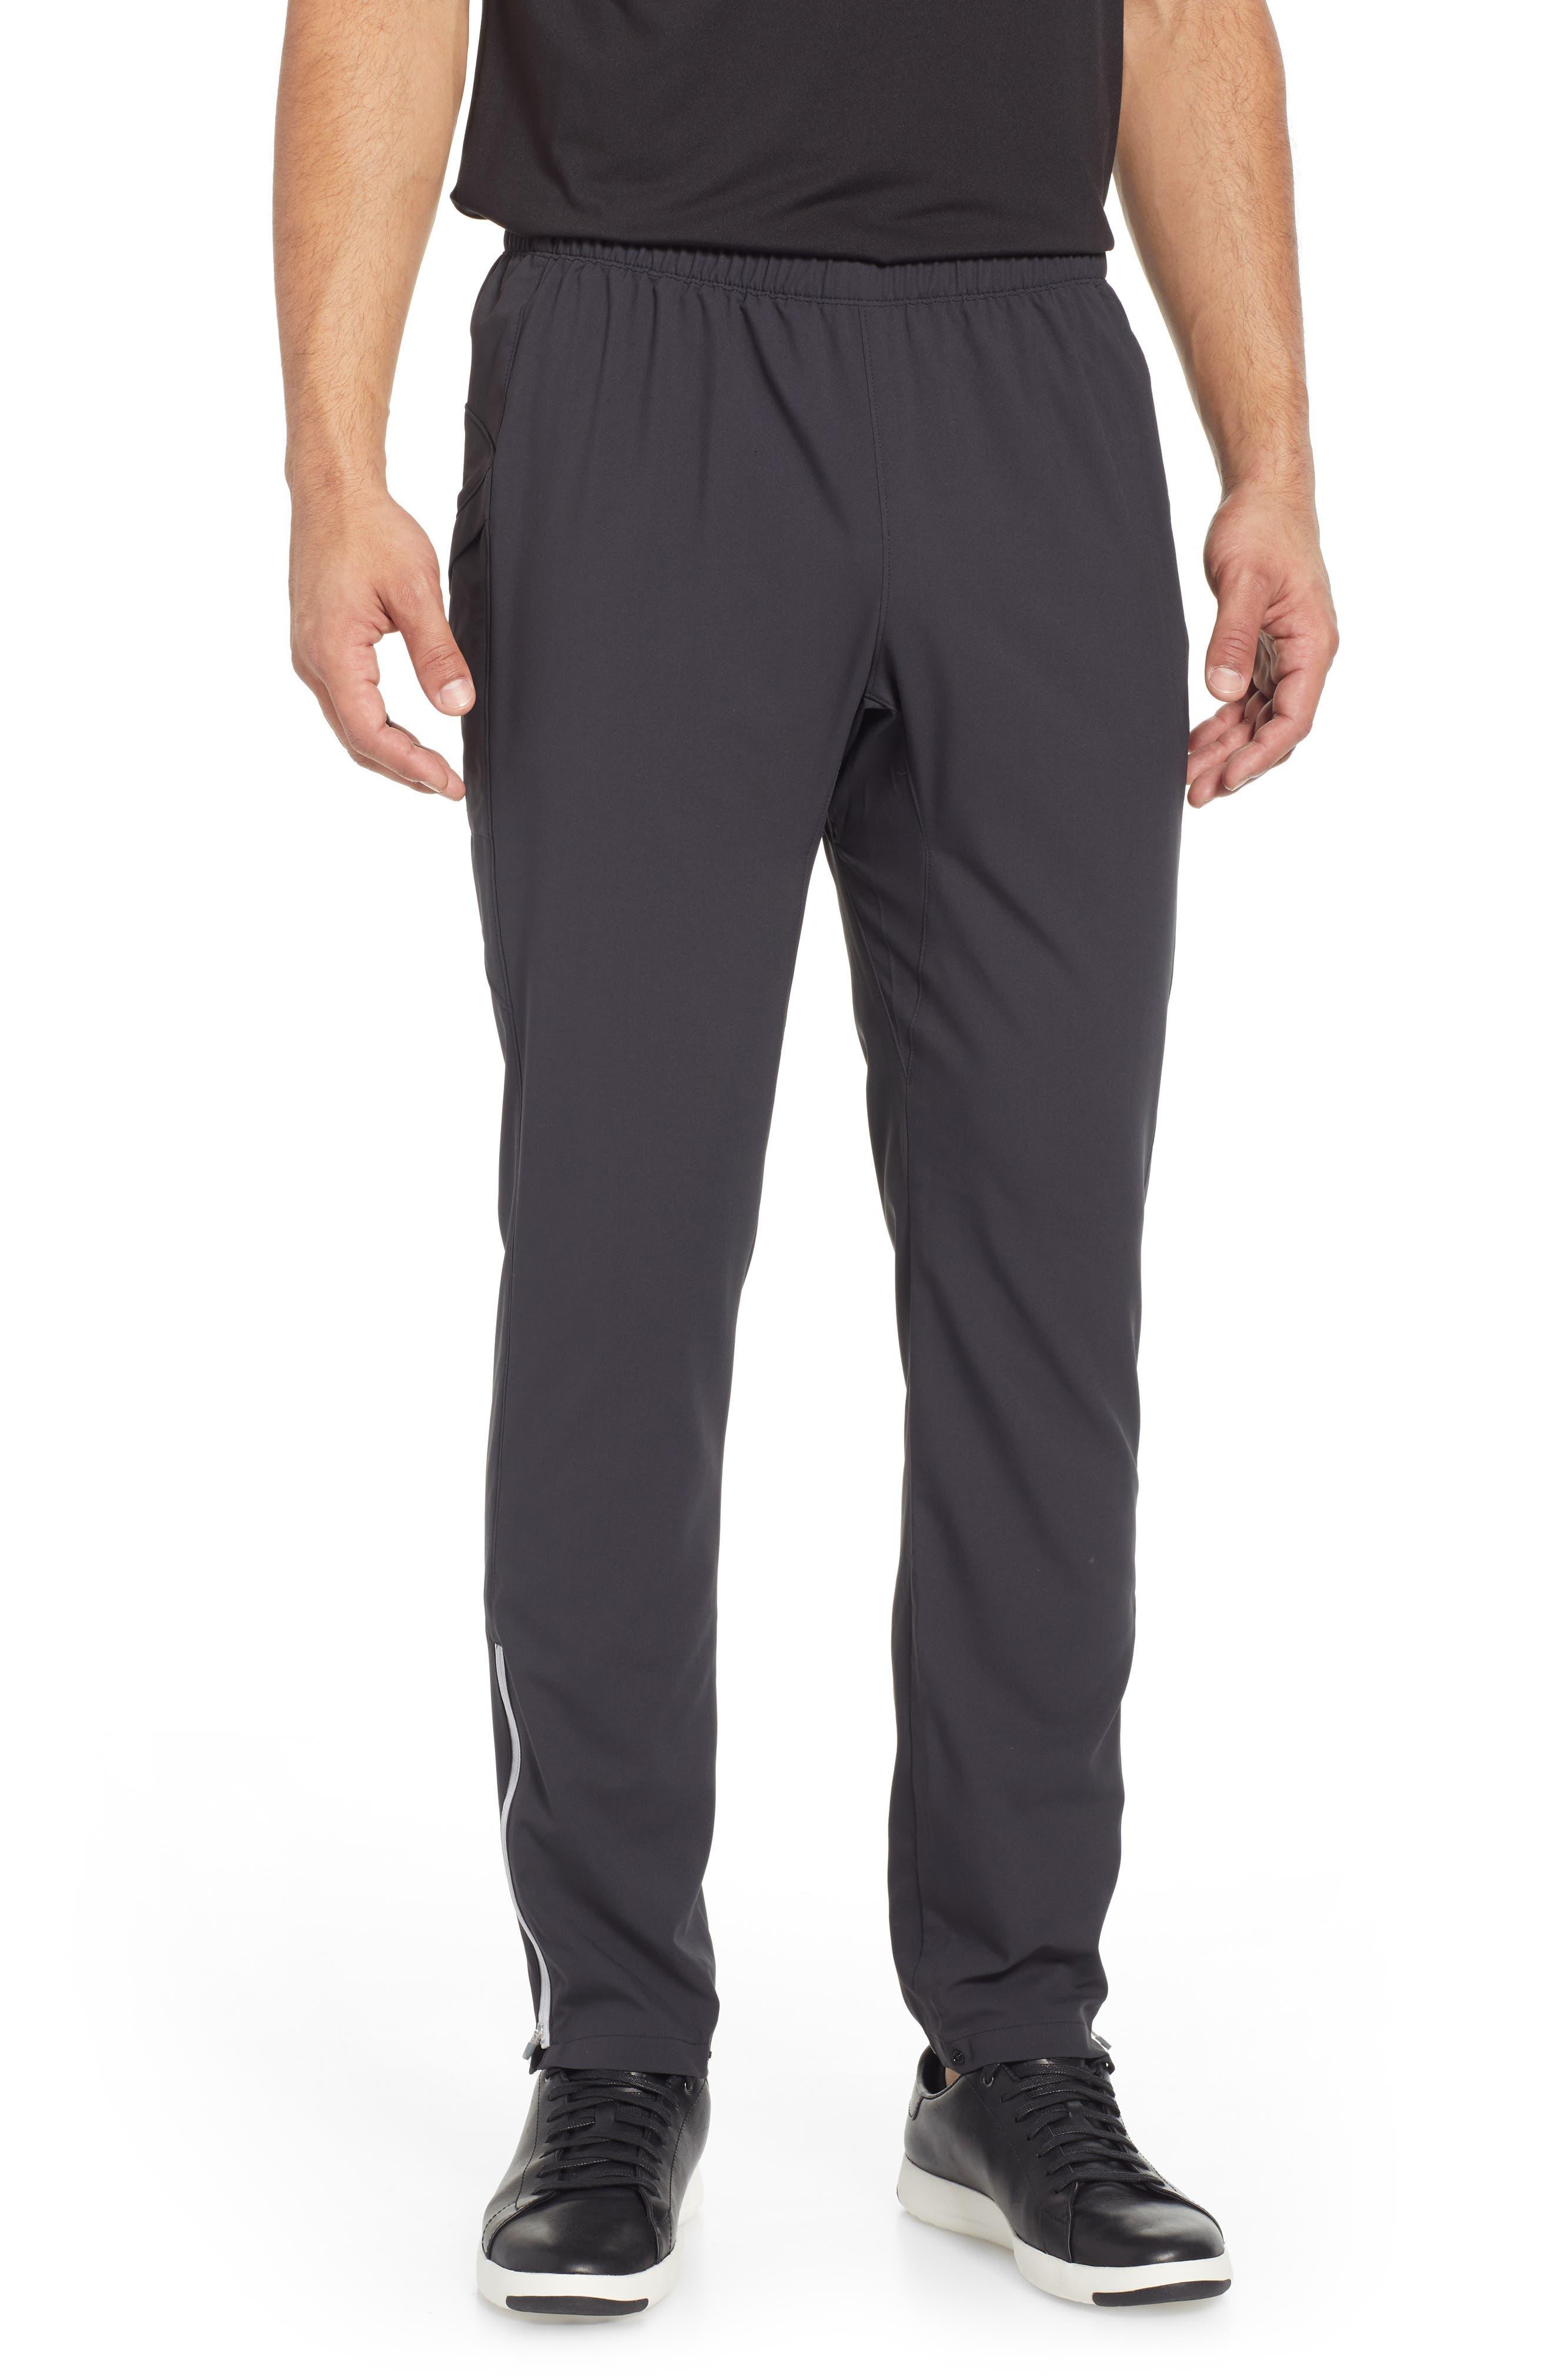 Vancouver Workout Pants,                             Main thumbnail 1, color,                             BLACK